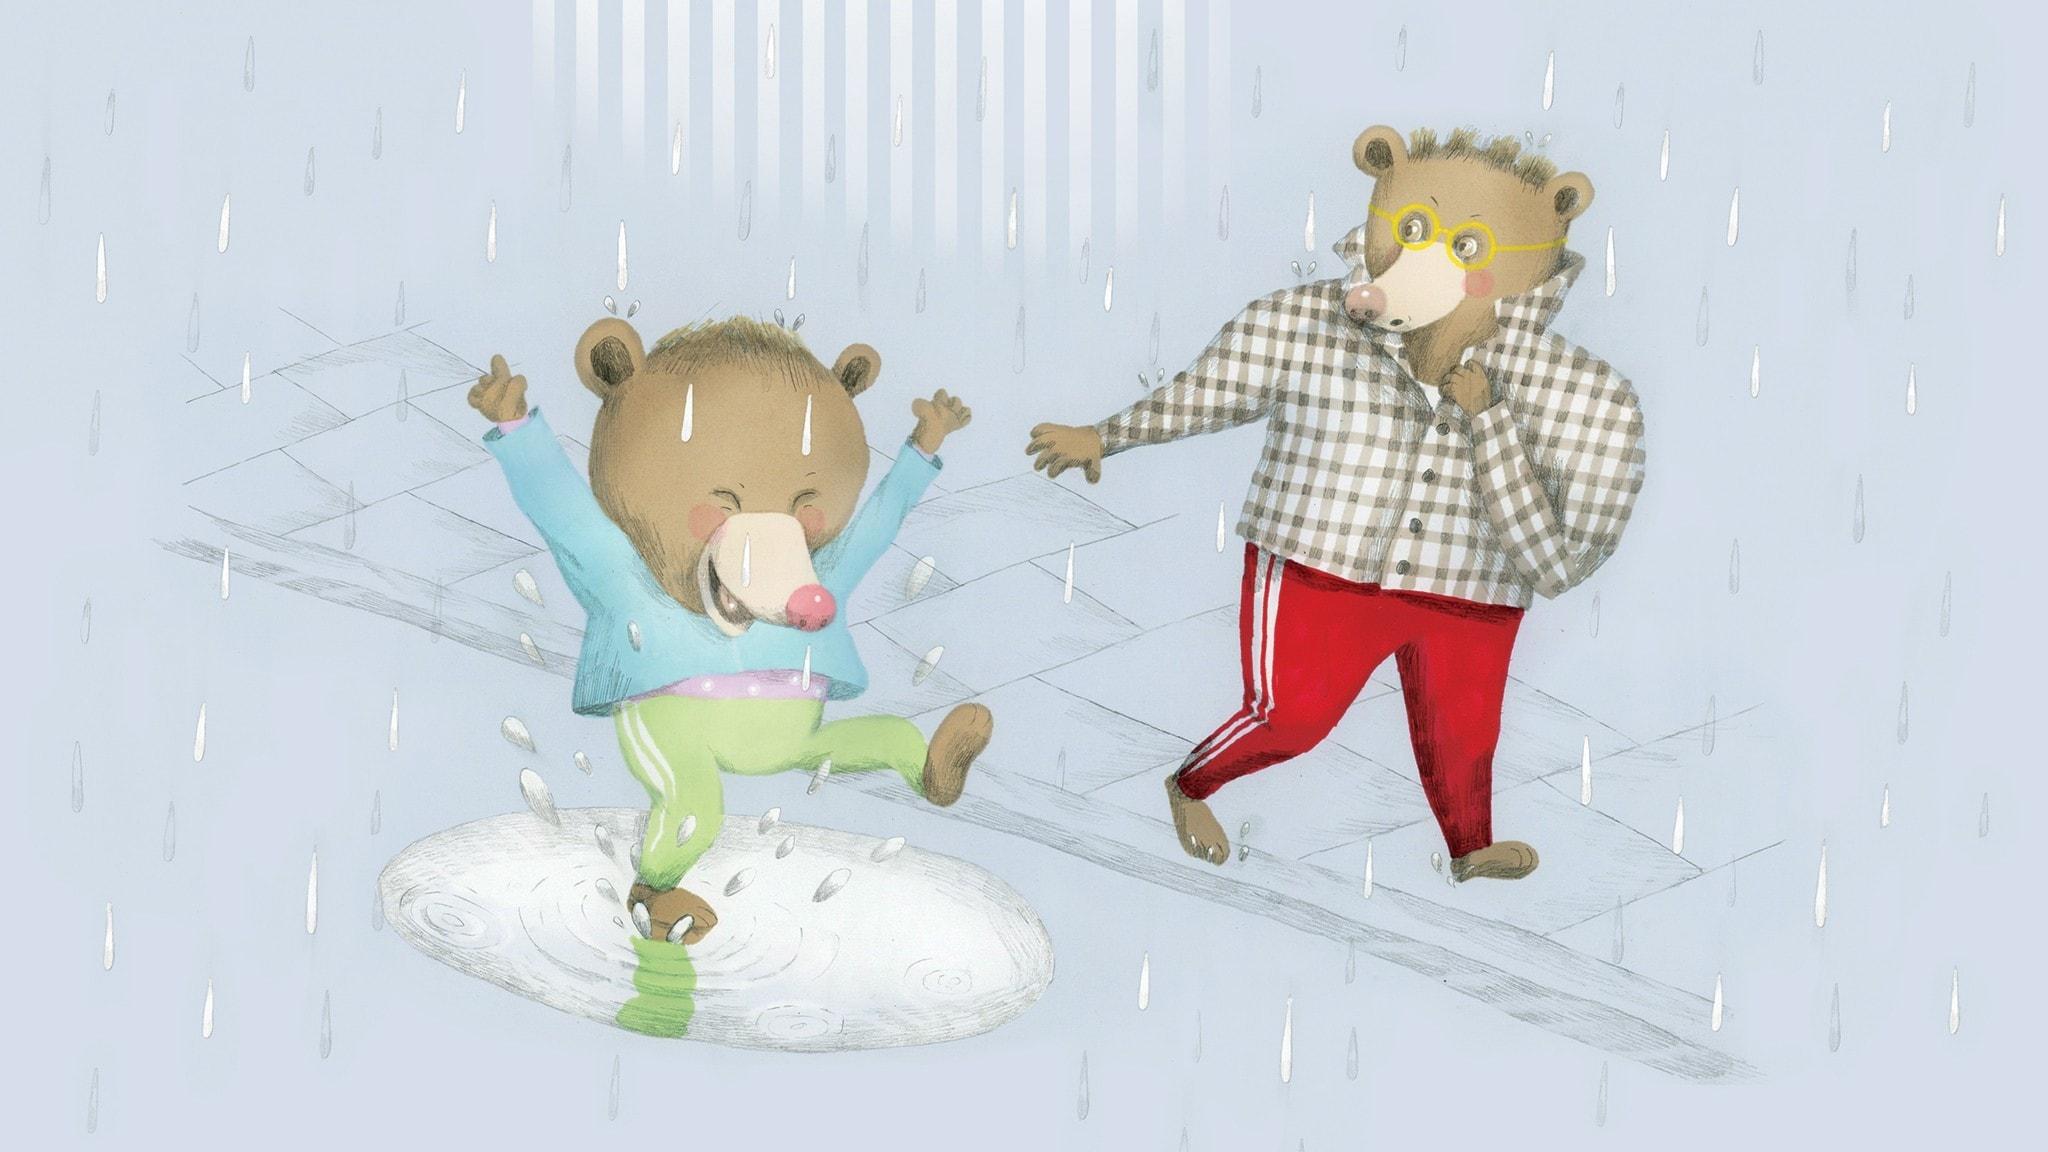 Det regnar och Nalle plaskar i en pöl, pappar går på trottoaren bredvid och försöker att inte bli blöt. Illustration: Lotta Geffenblad